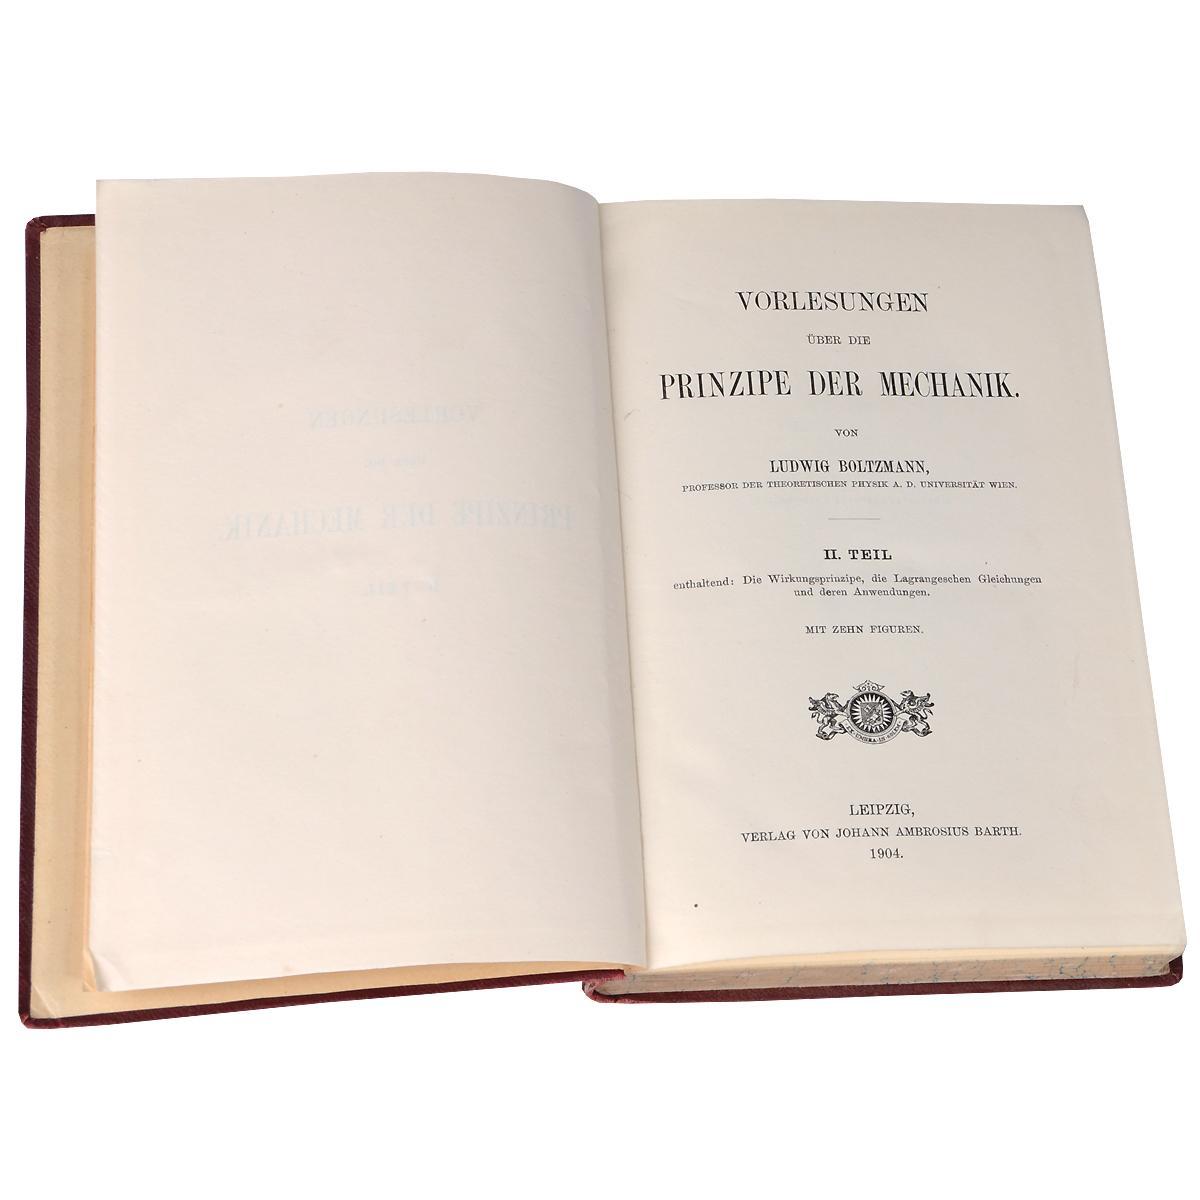 Vorlesungen (комплект из 2 книг)